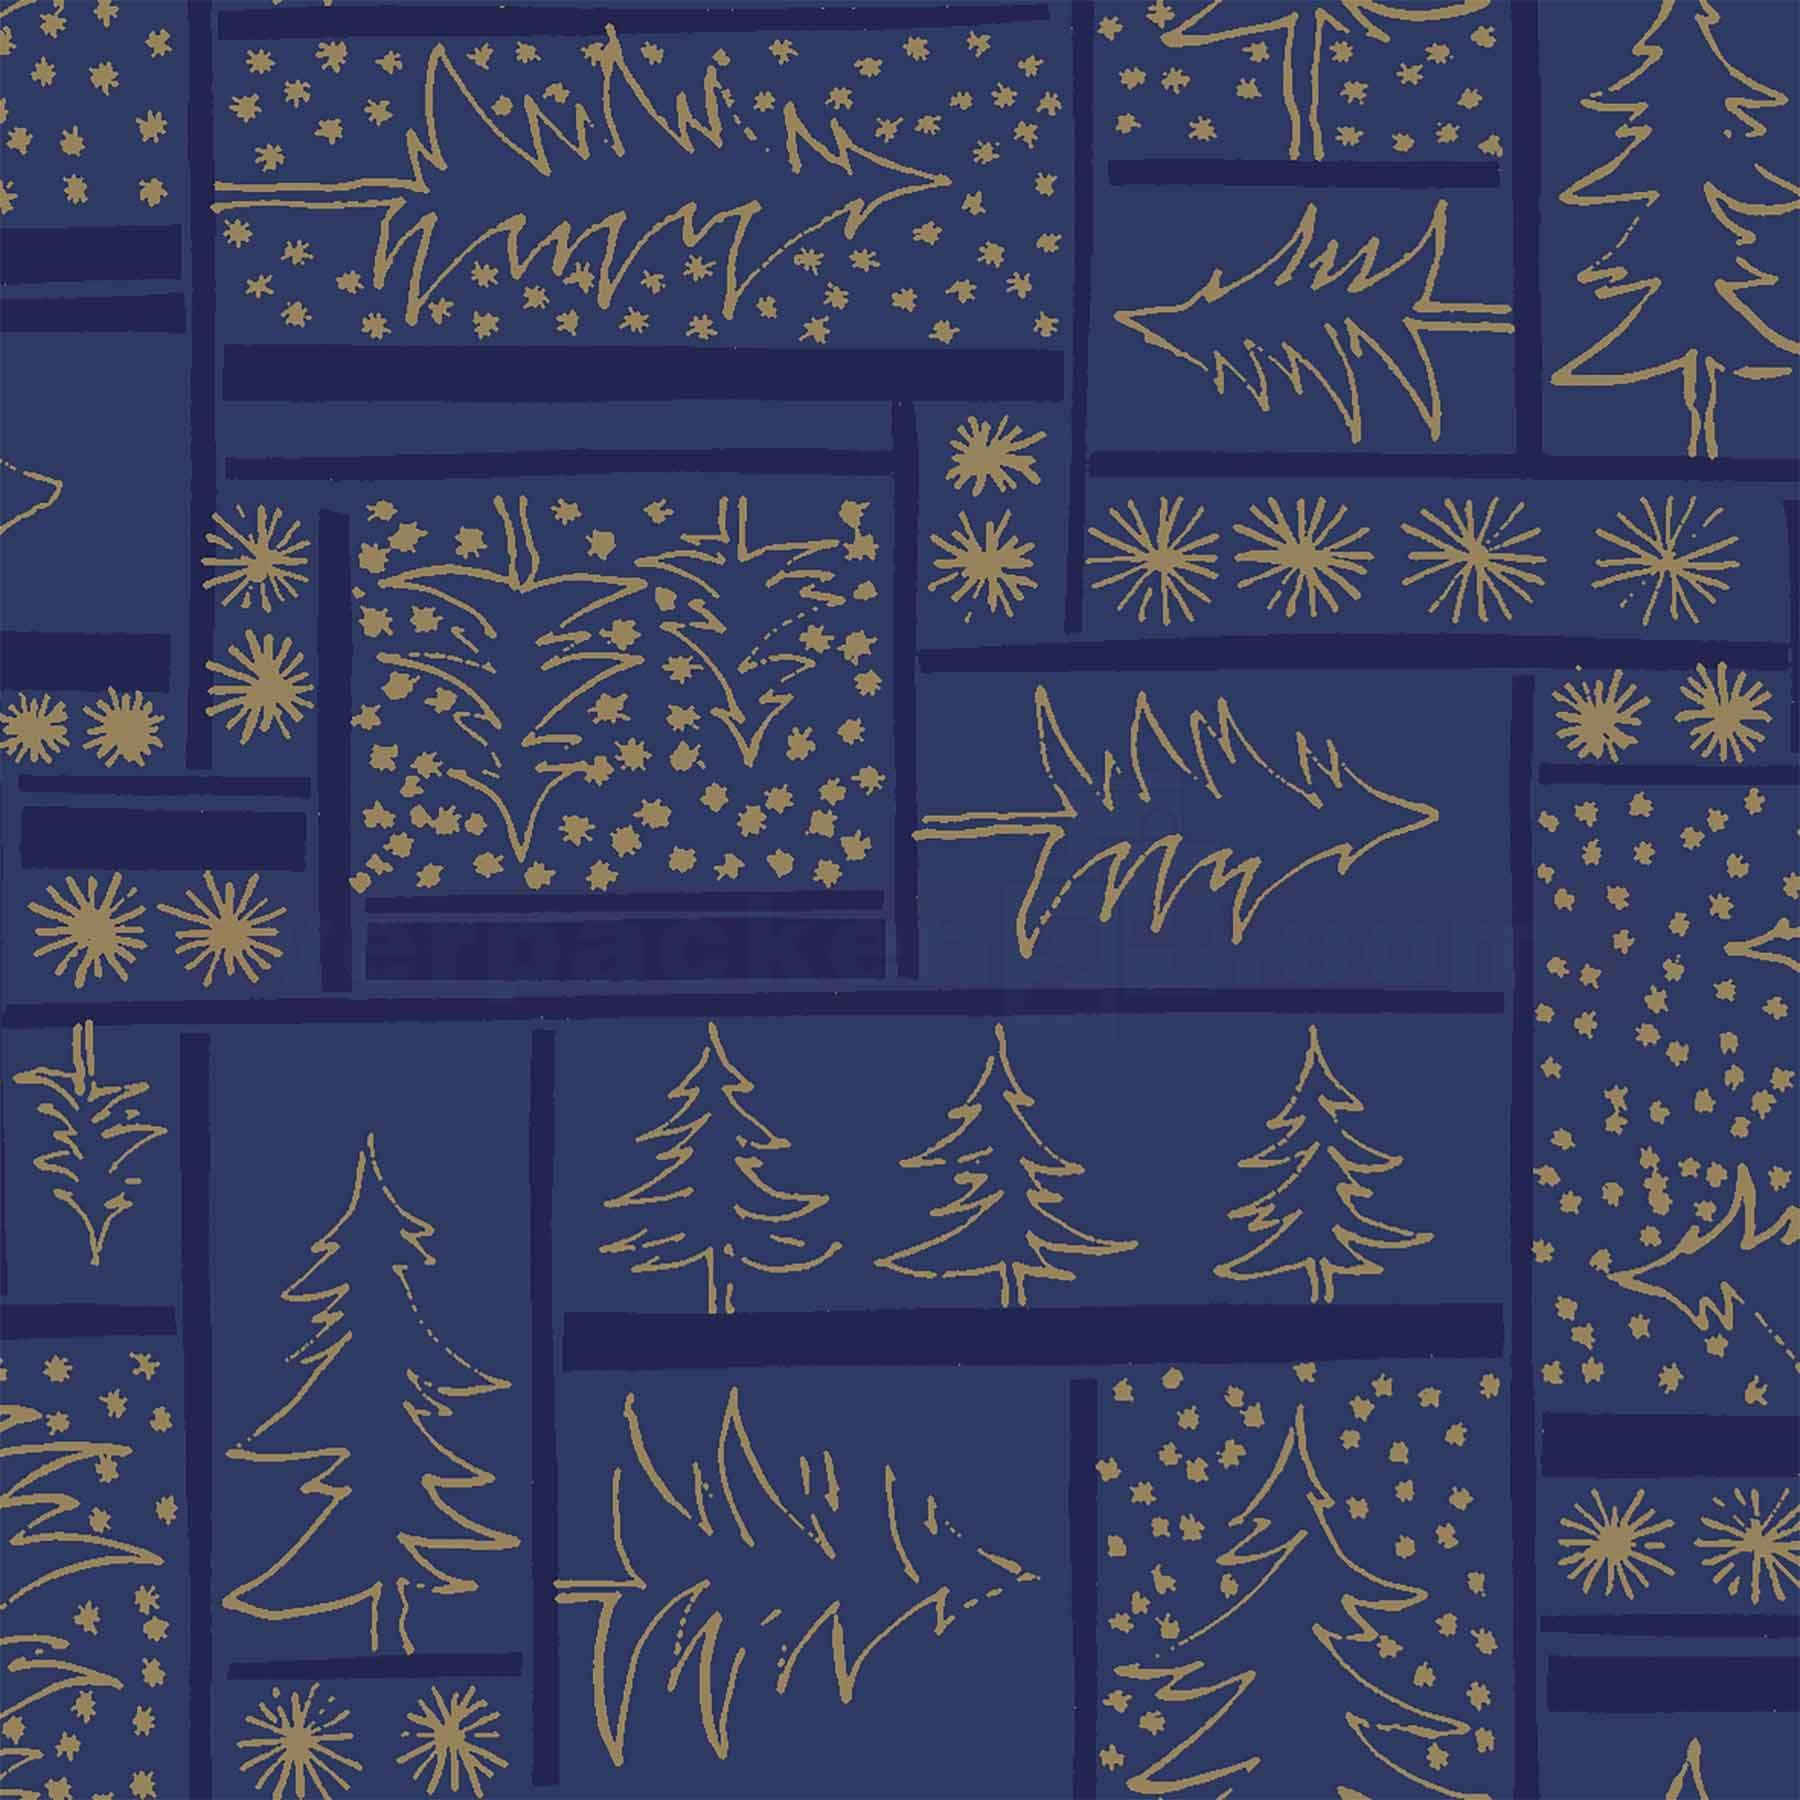 Geschenkpapier Weihnachten.Weihnachts Geschenkpapier W 59710 Rolle 50cm Tannenbaummuster